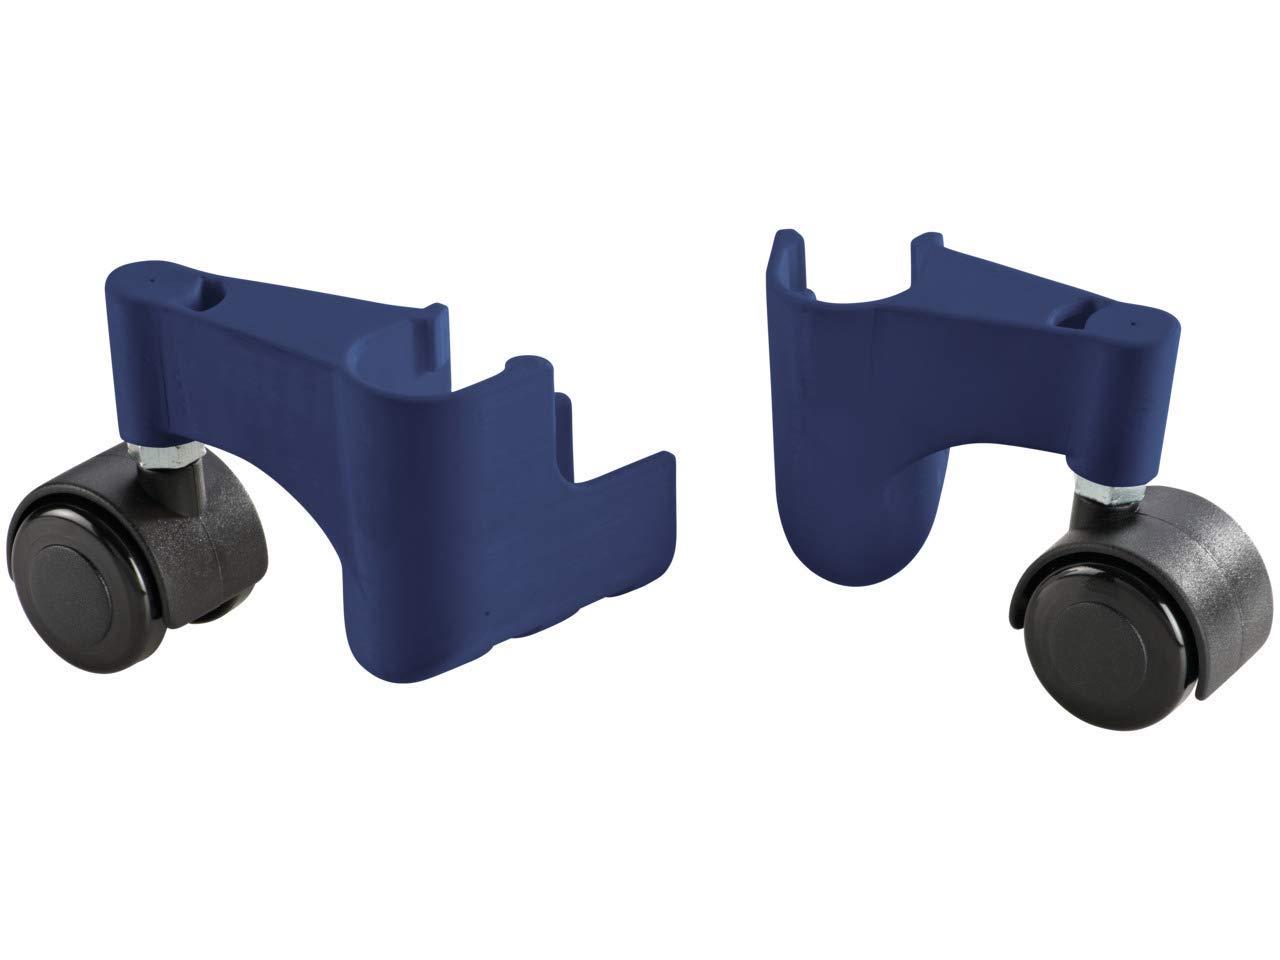 LeifHeit 81715 Pegasus Mobile Roulettes 360/° pour les s/échoirs /à linge M/étal Bleu//Noir 18 x 13 x 7,5 cm